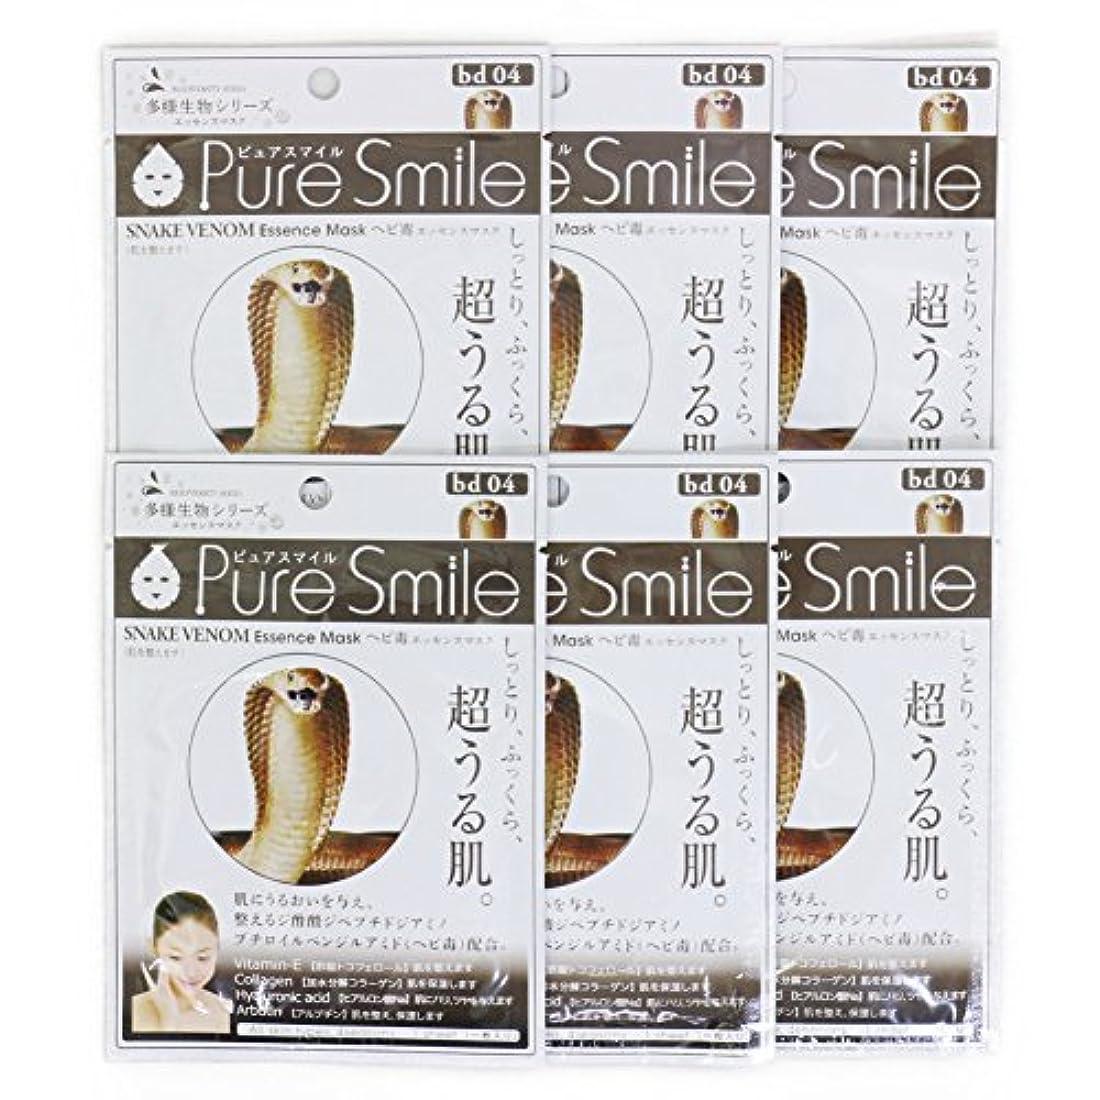 効果マーガレットミッチェル透明にPure Smile ピュアスマイル 多様生物エッセンスマスク ヘビ毒 6枚セット